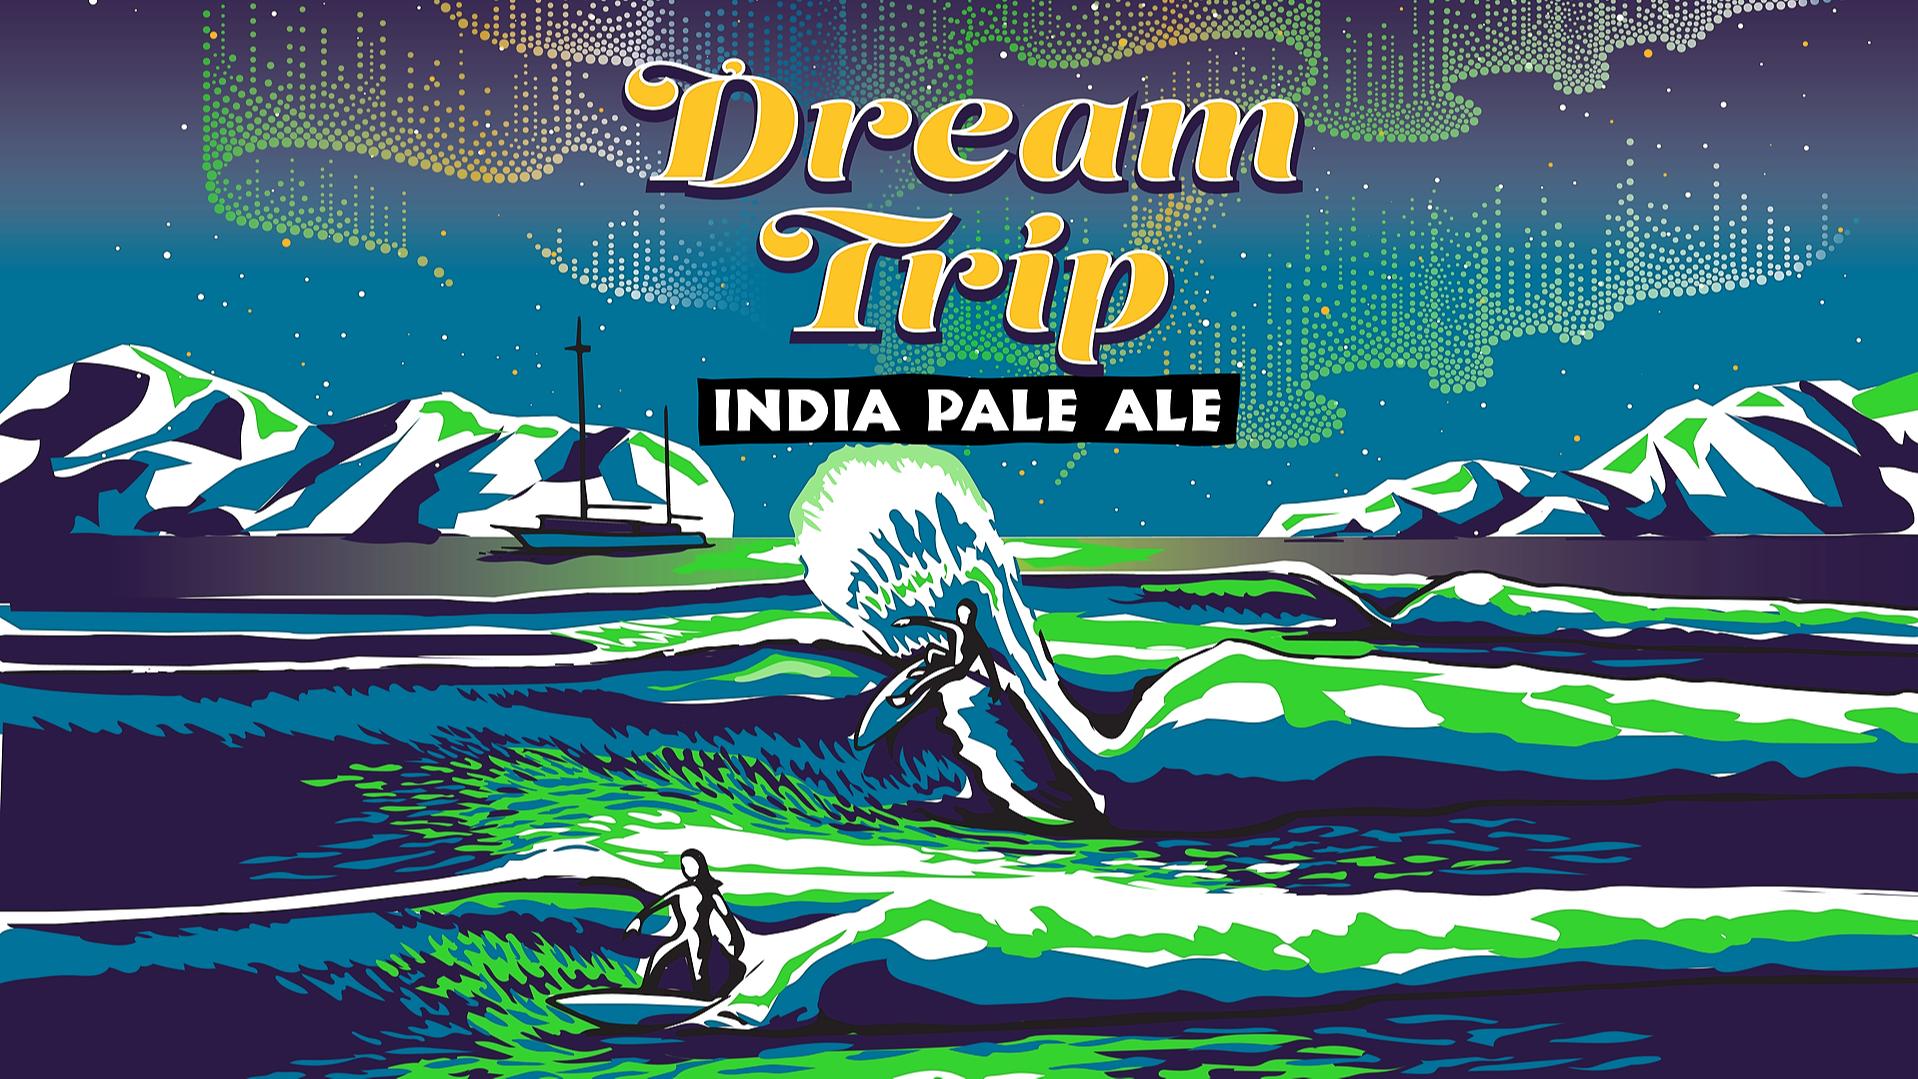 Dream Trip IPA Release